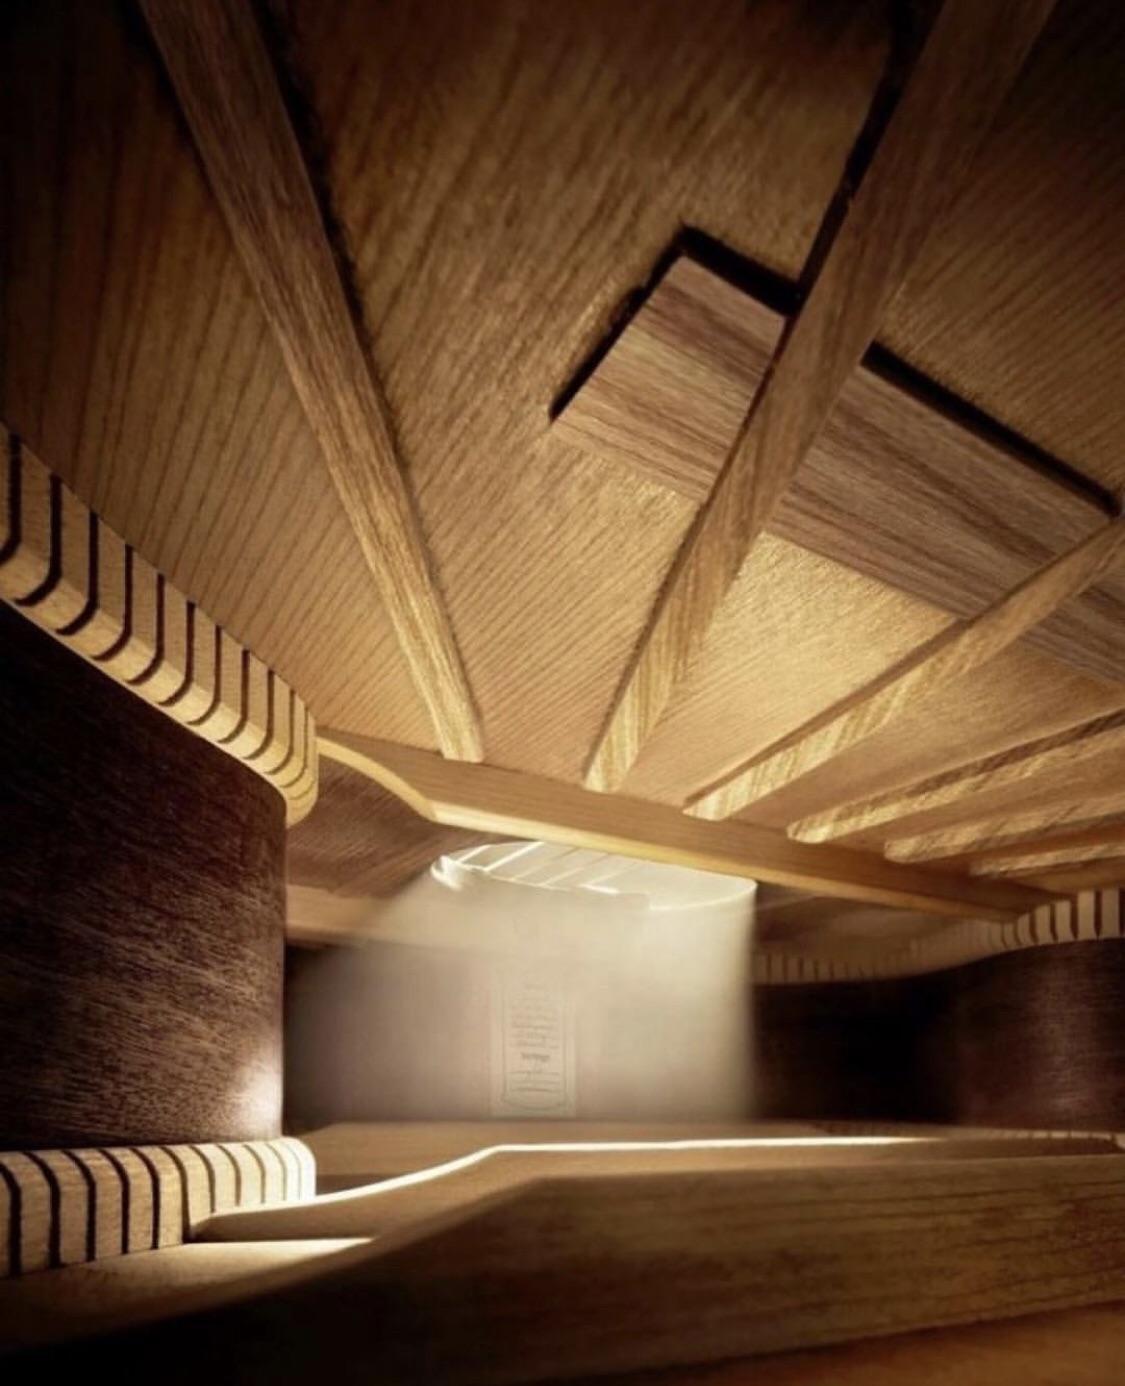 The interior of a guitar : pics